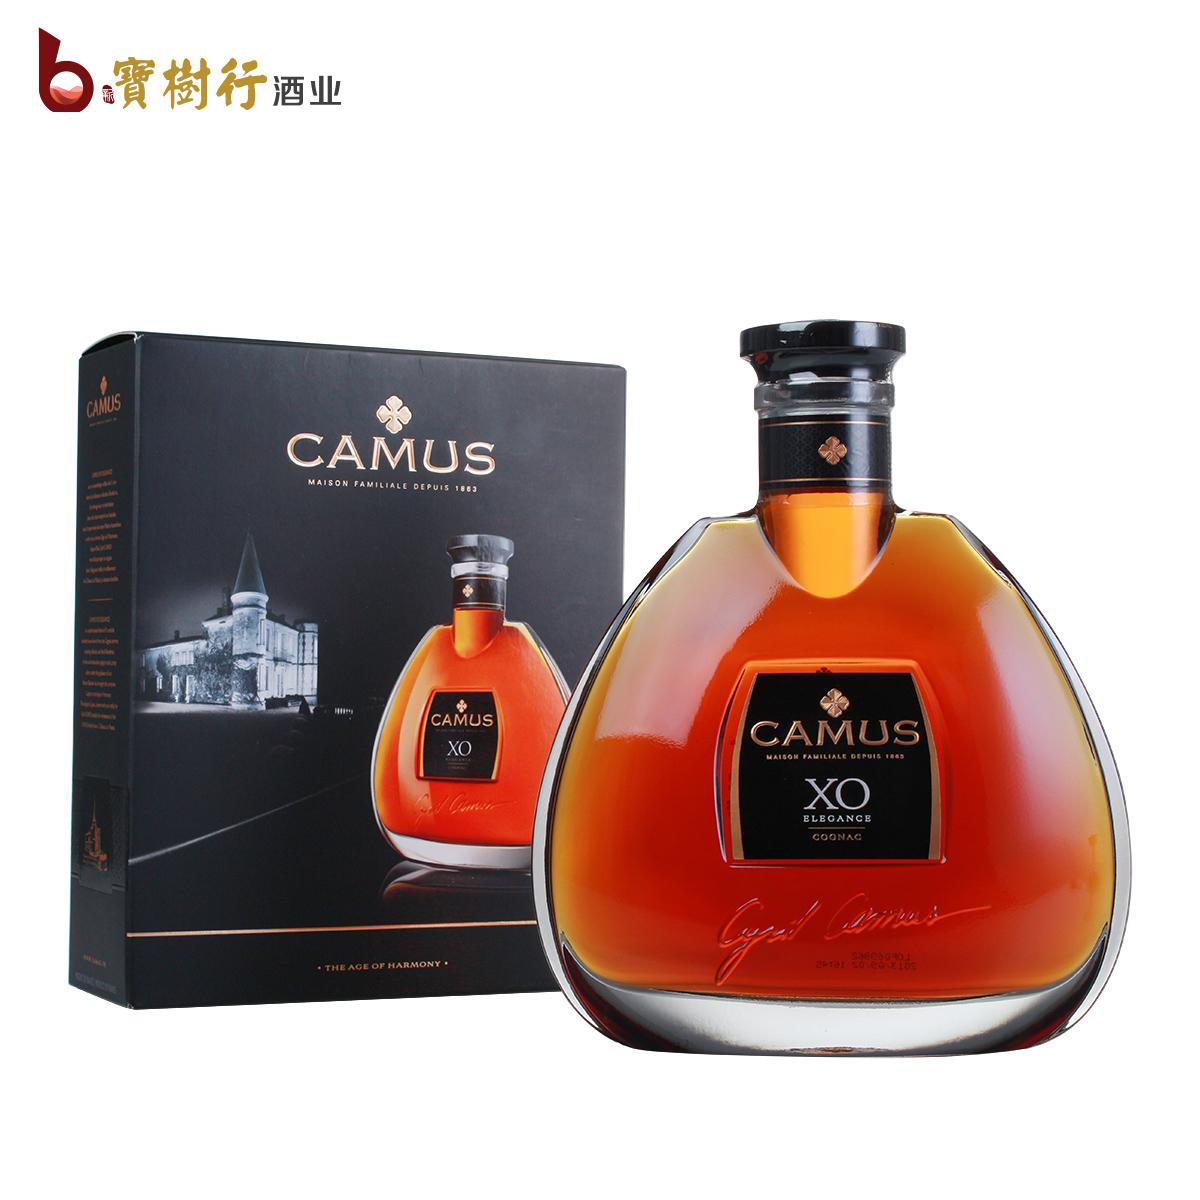 宝树行 进口洋酒 CAMUS 卡慕XO纪念版700ML原装正品包邮